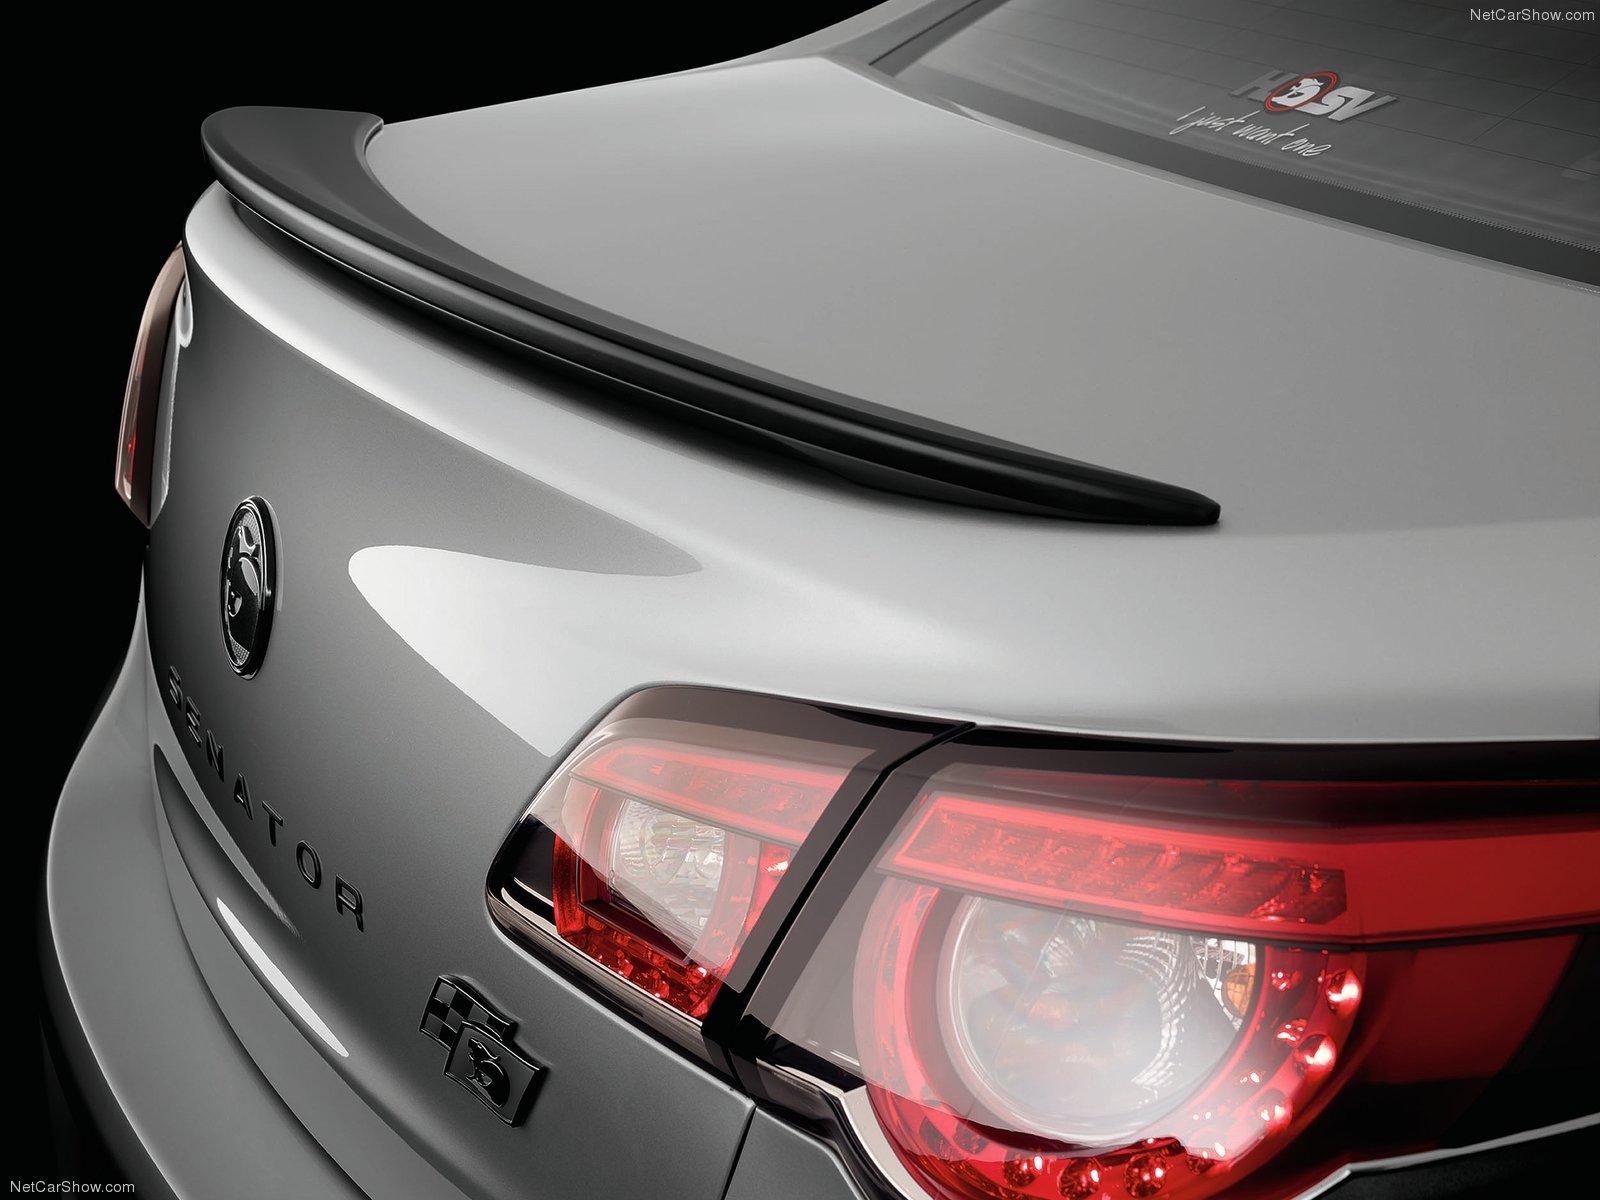 Hình ảnh xe ô tô HSV Gen-F Senator SV 2015 & nội ngoại thất